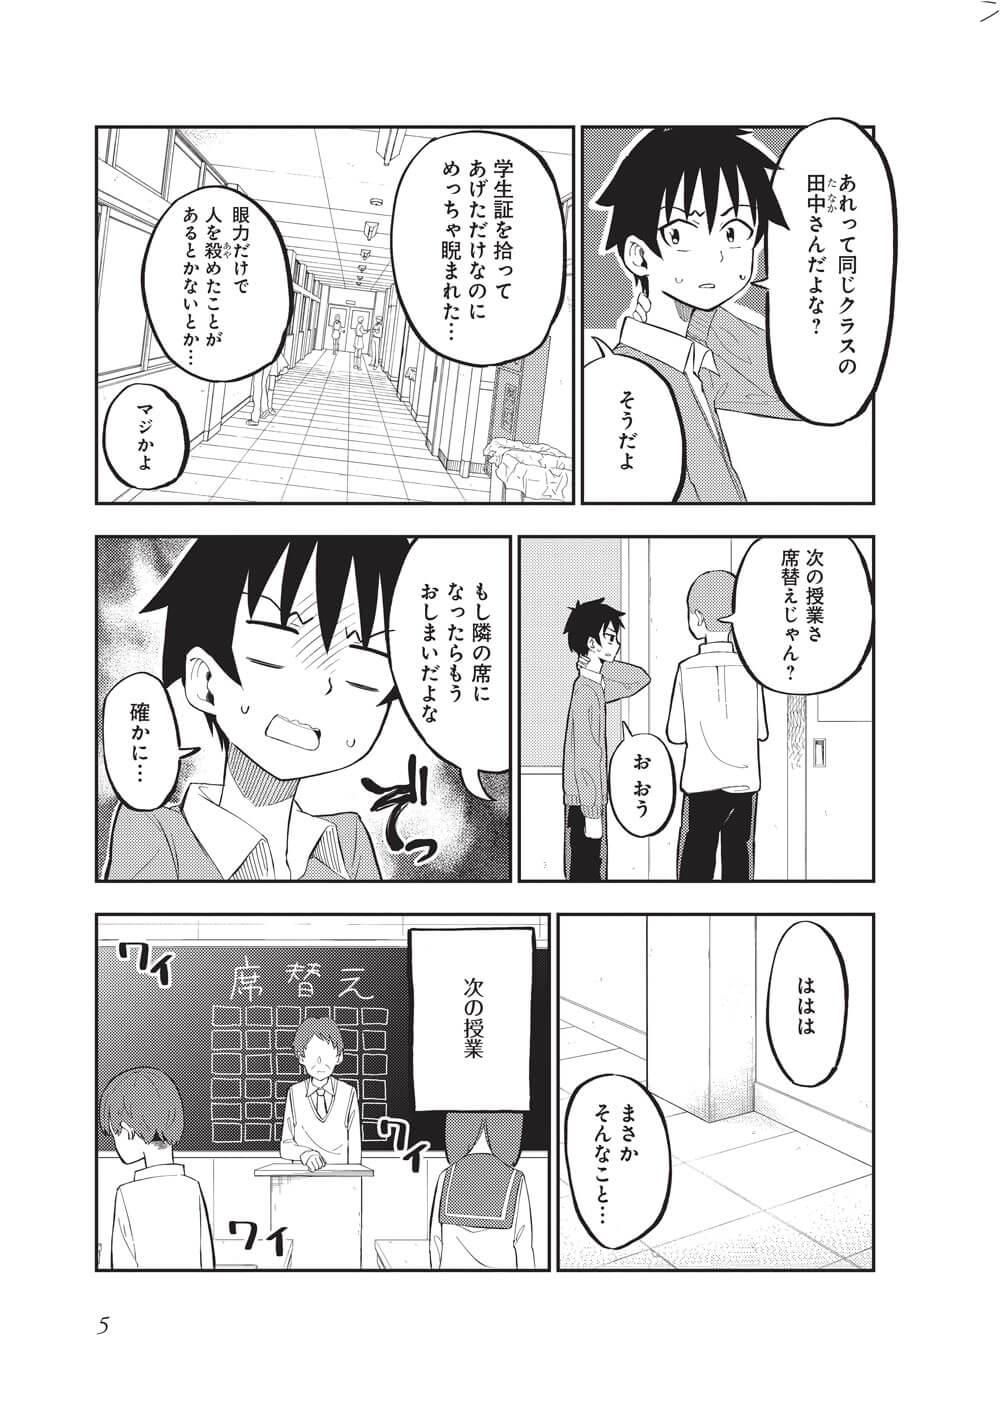 クラスメイトの田中さんはすごく怖い-1-3